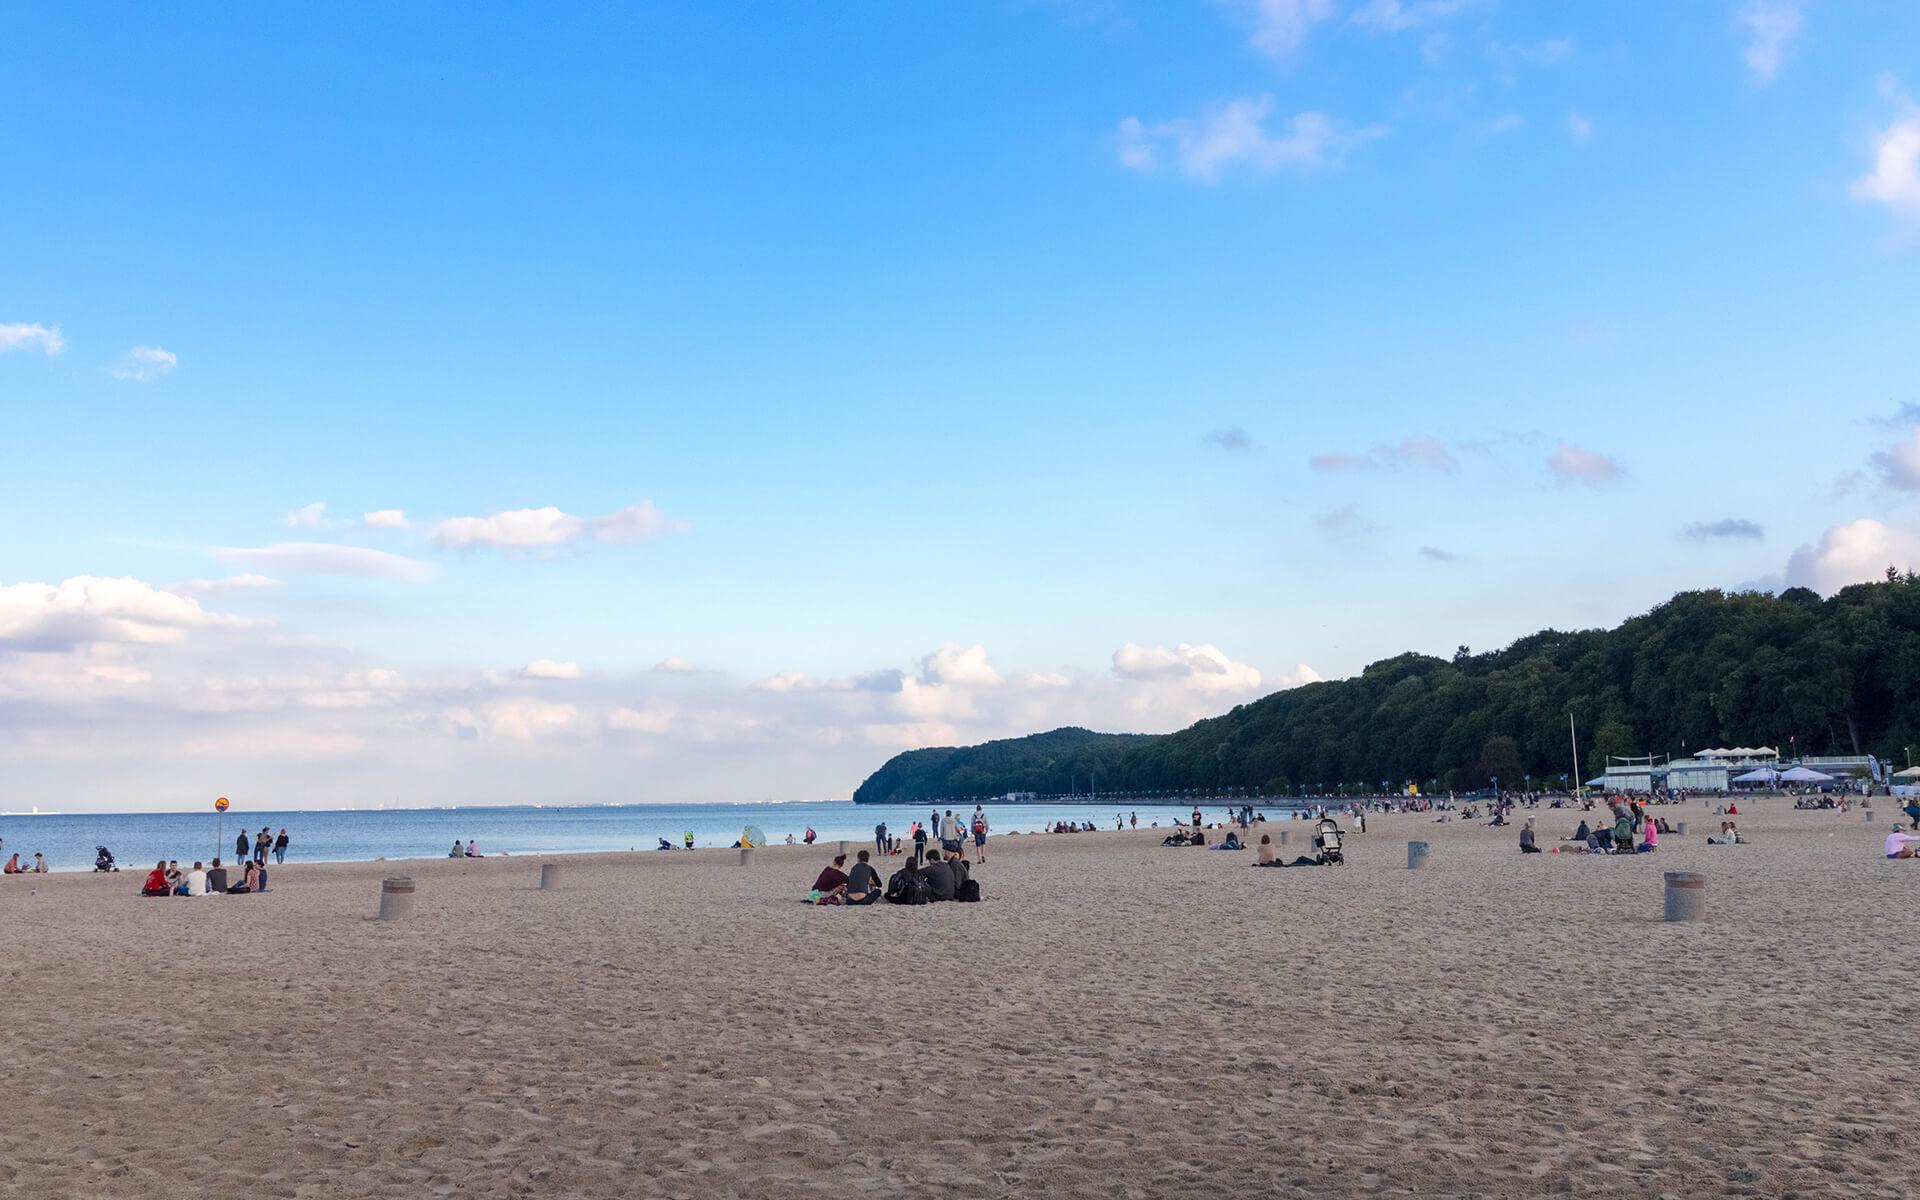 Plaża miejska w Gdyni – Relacja zdjęciowa